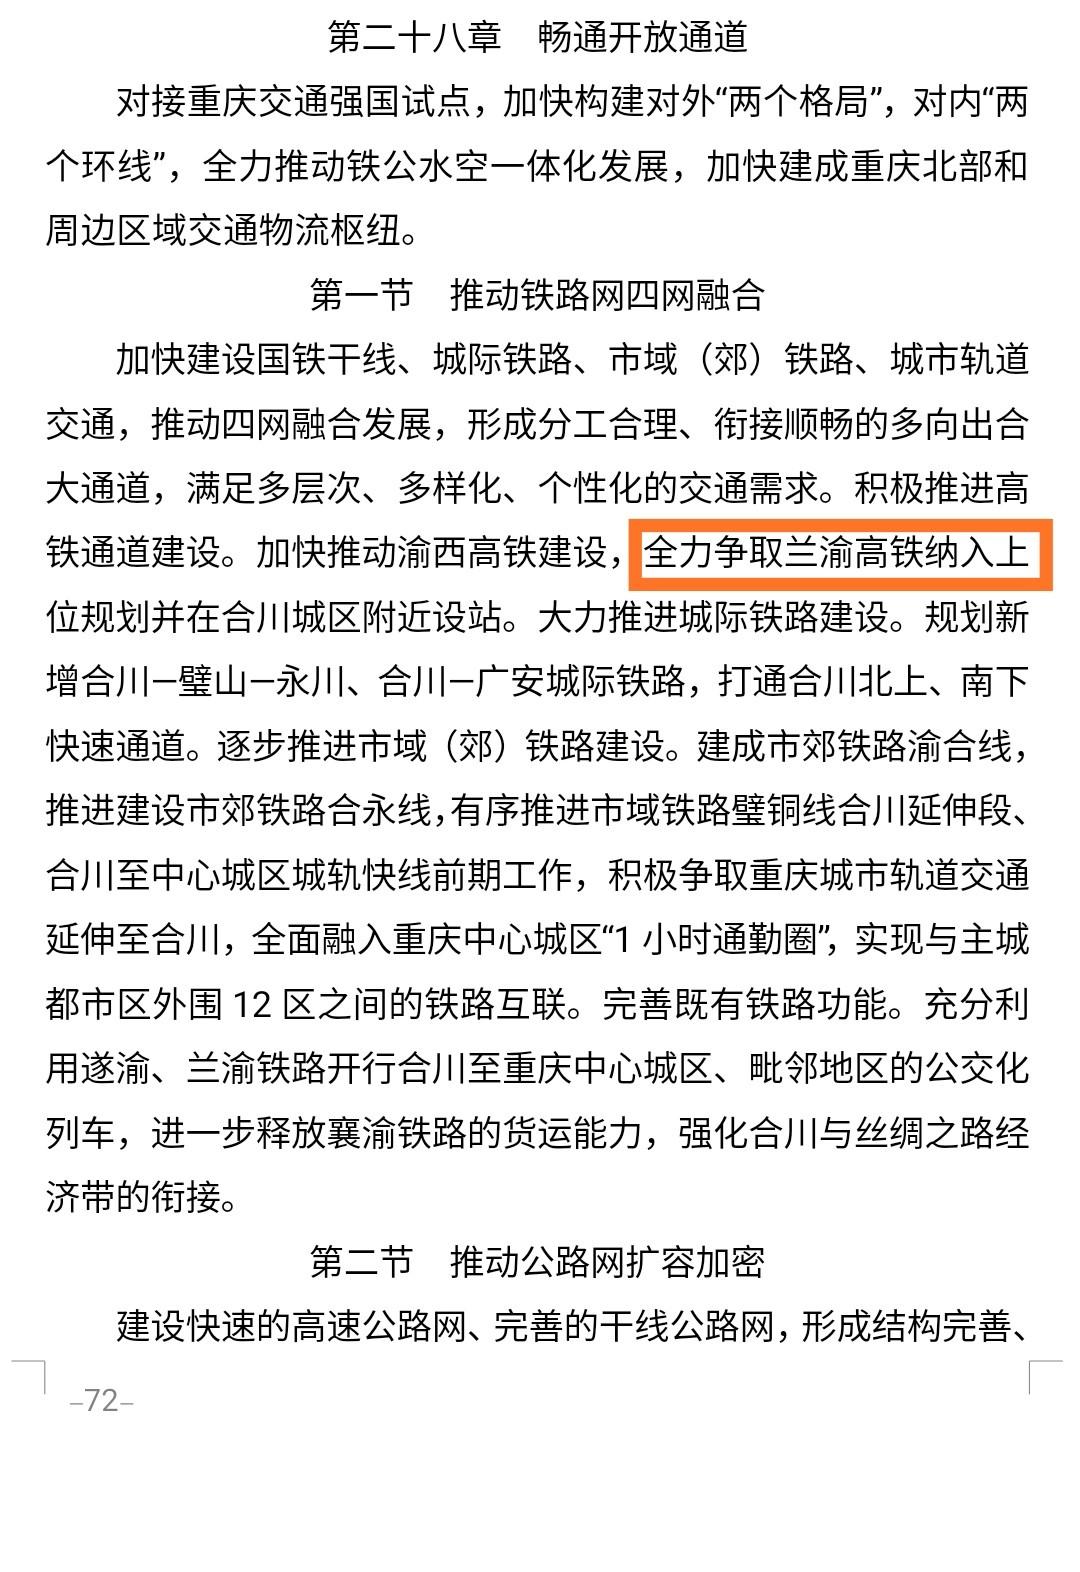 合川14.5及2035远景,明确兰渝高铁